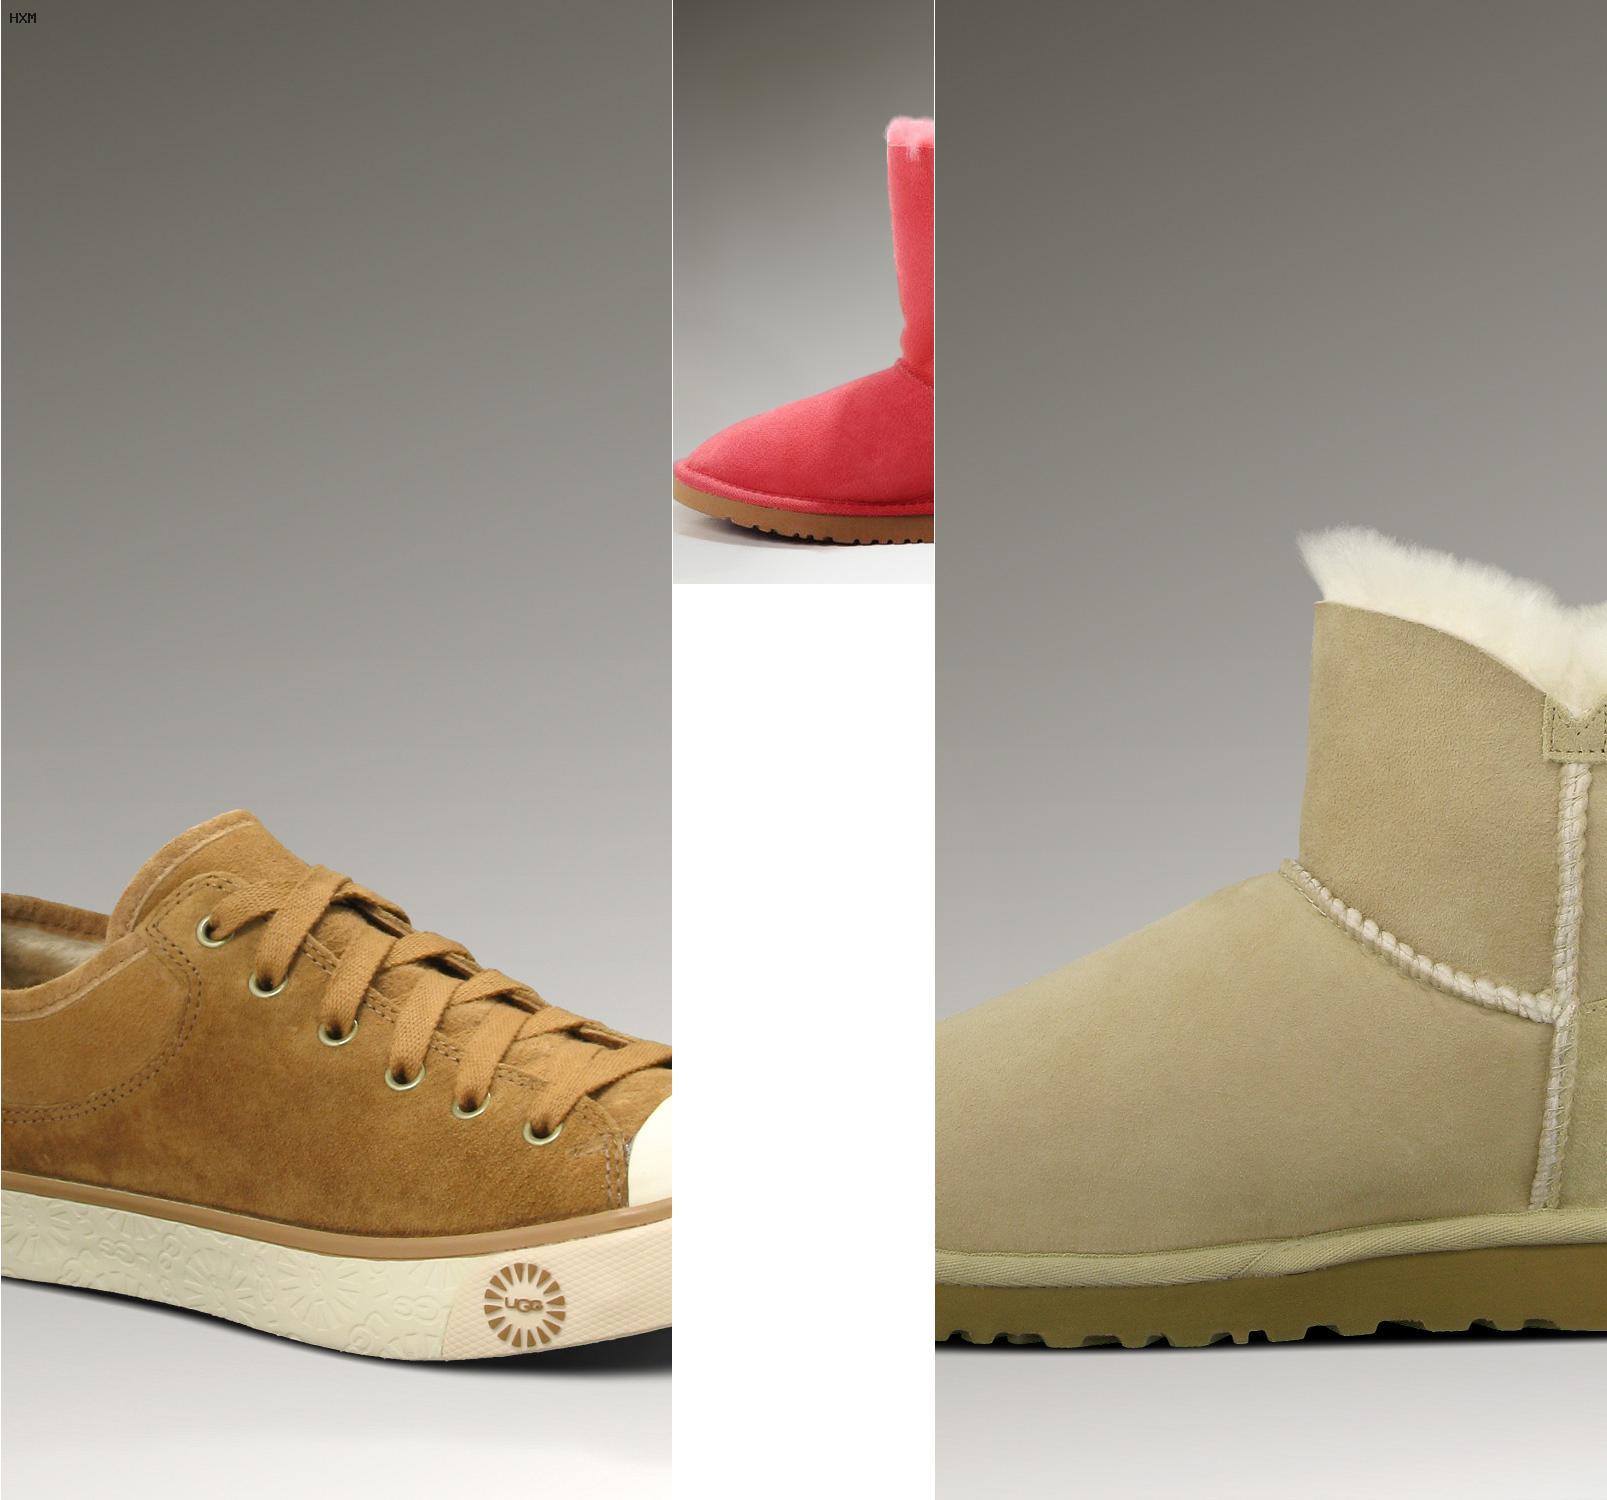 6653e6c305263 ugg boots sale billig schwarz